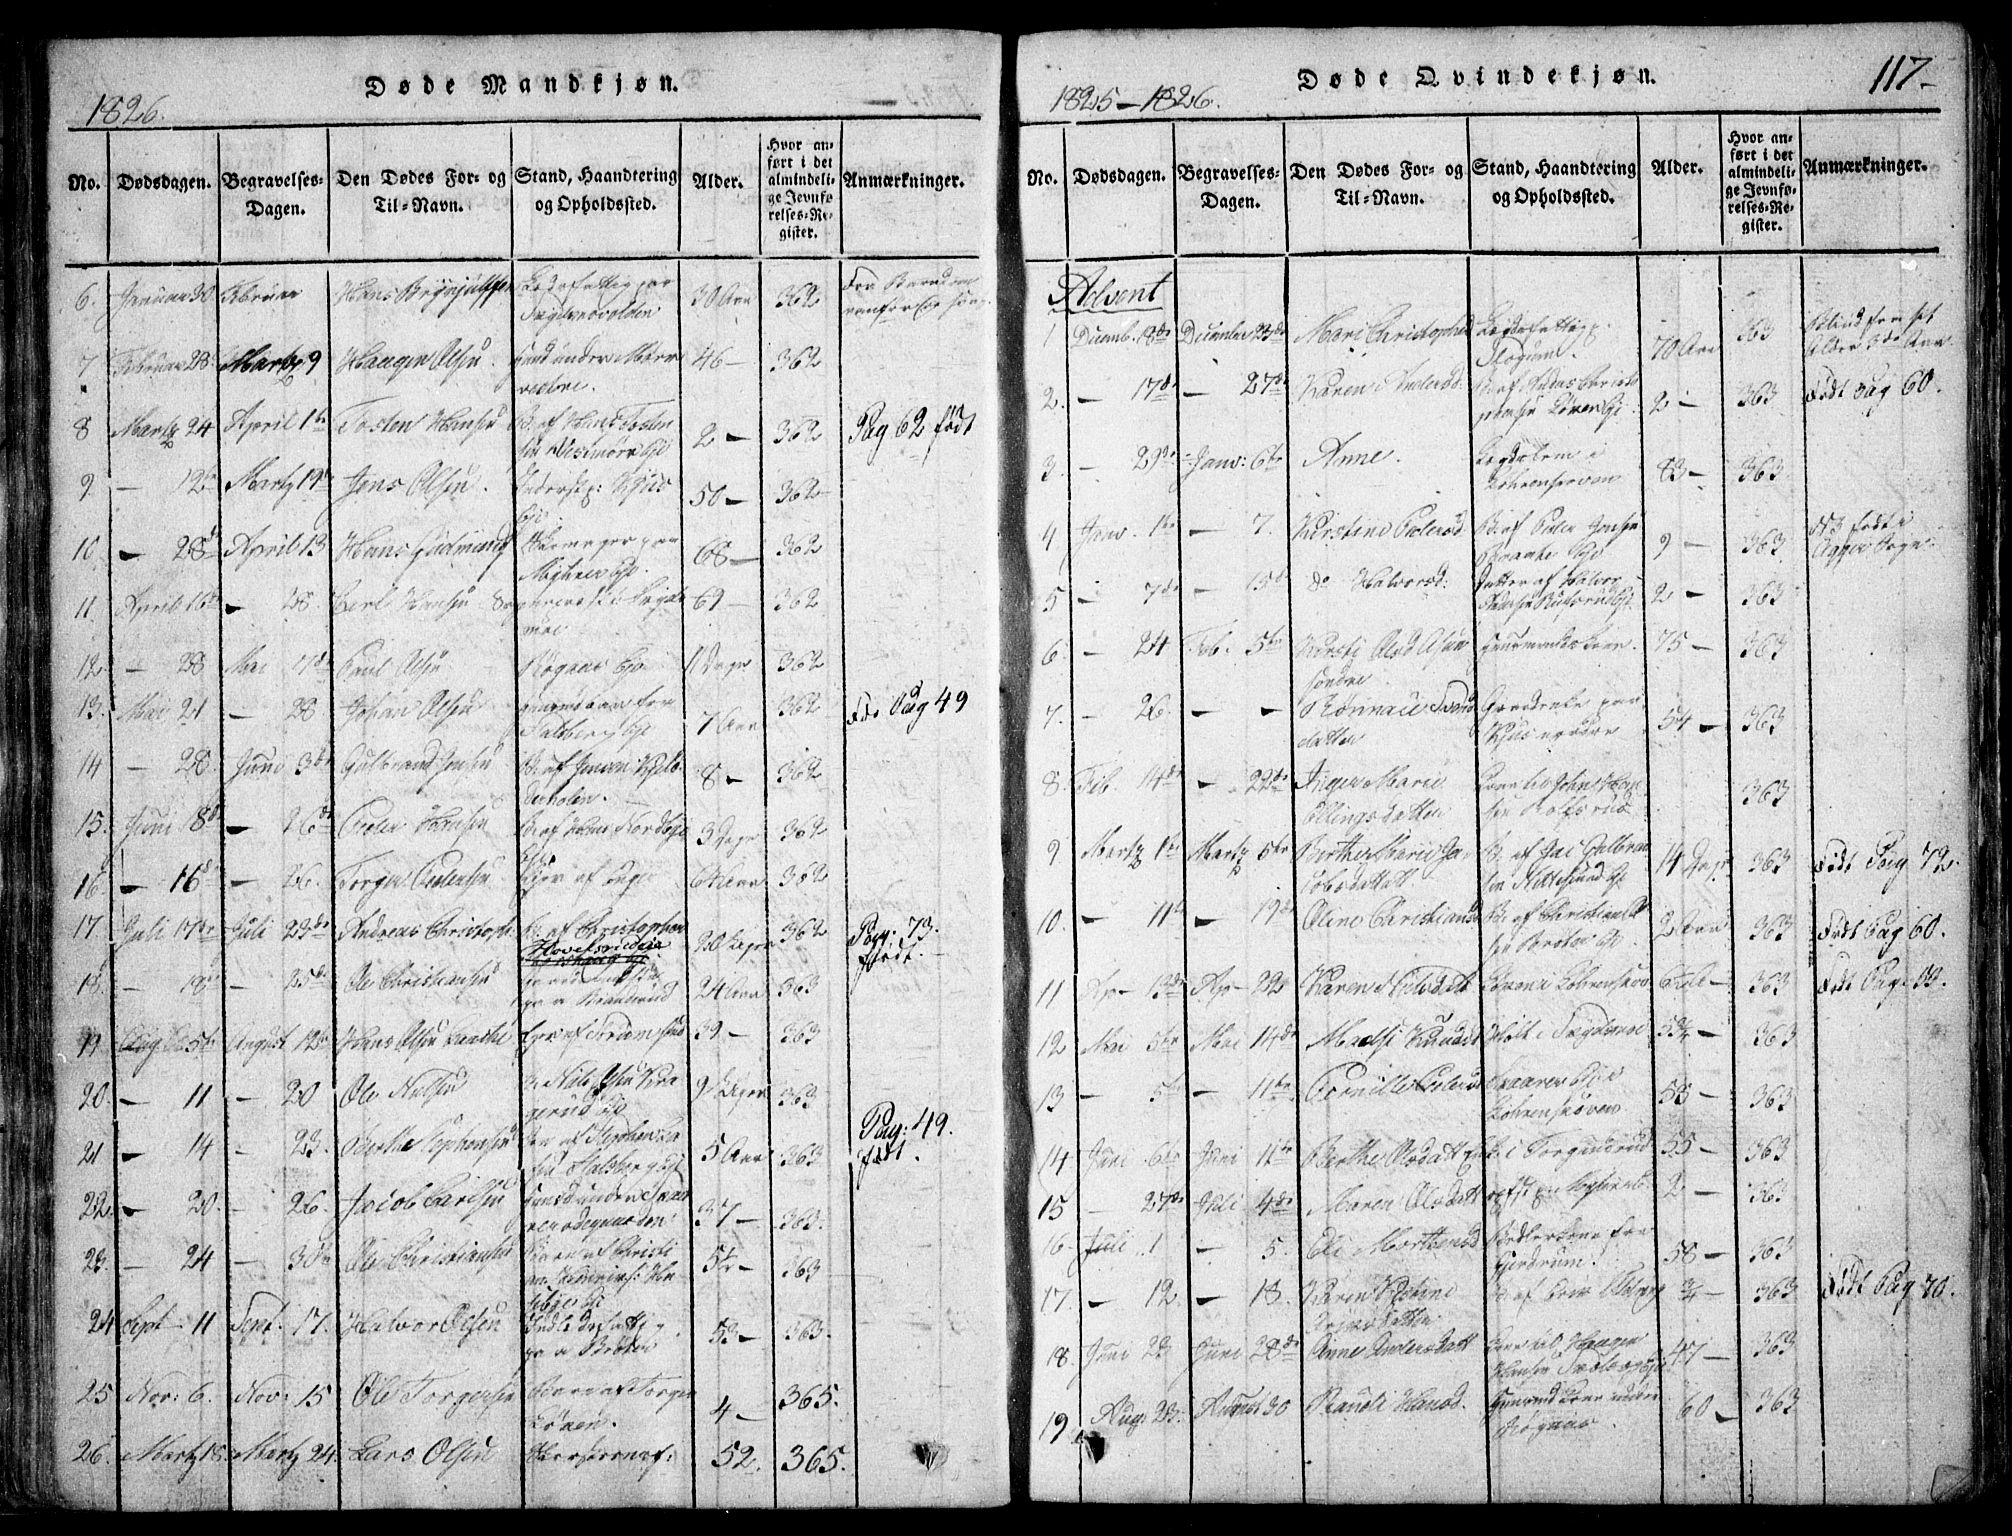 SAO, Skedsmo prestekontor Kirkebøker, F/Fa/L0008: Ministerialbok nr. I 8, 1815-1829, s. 117